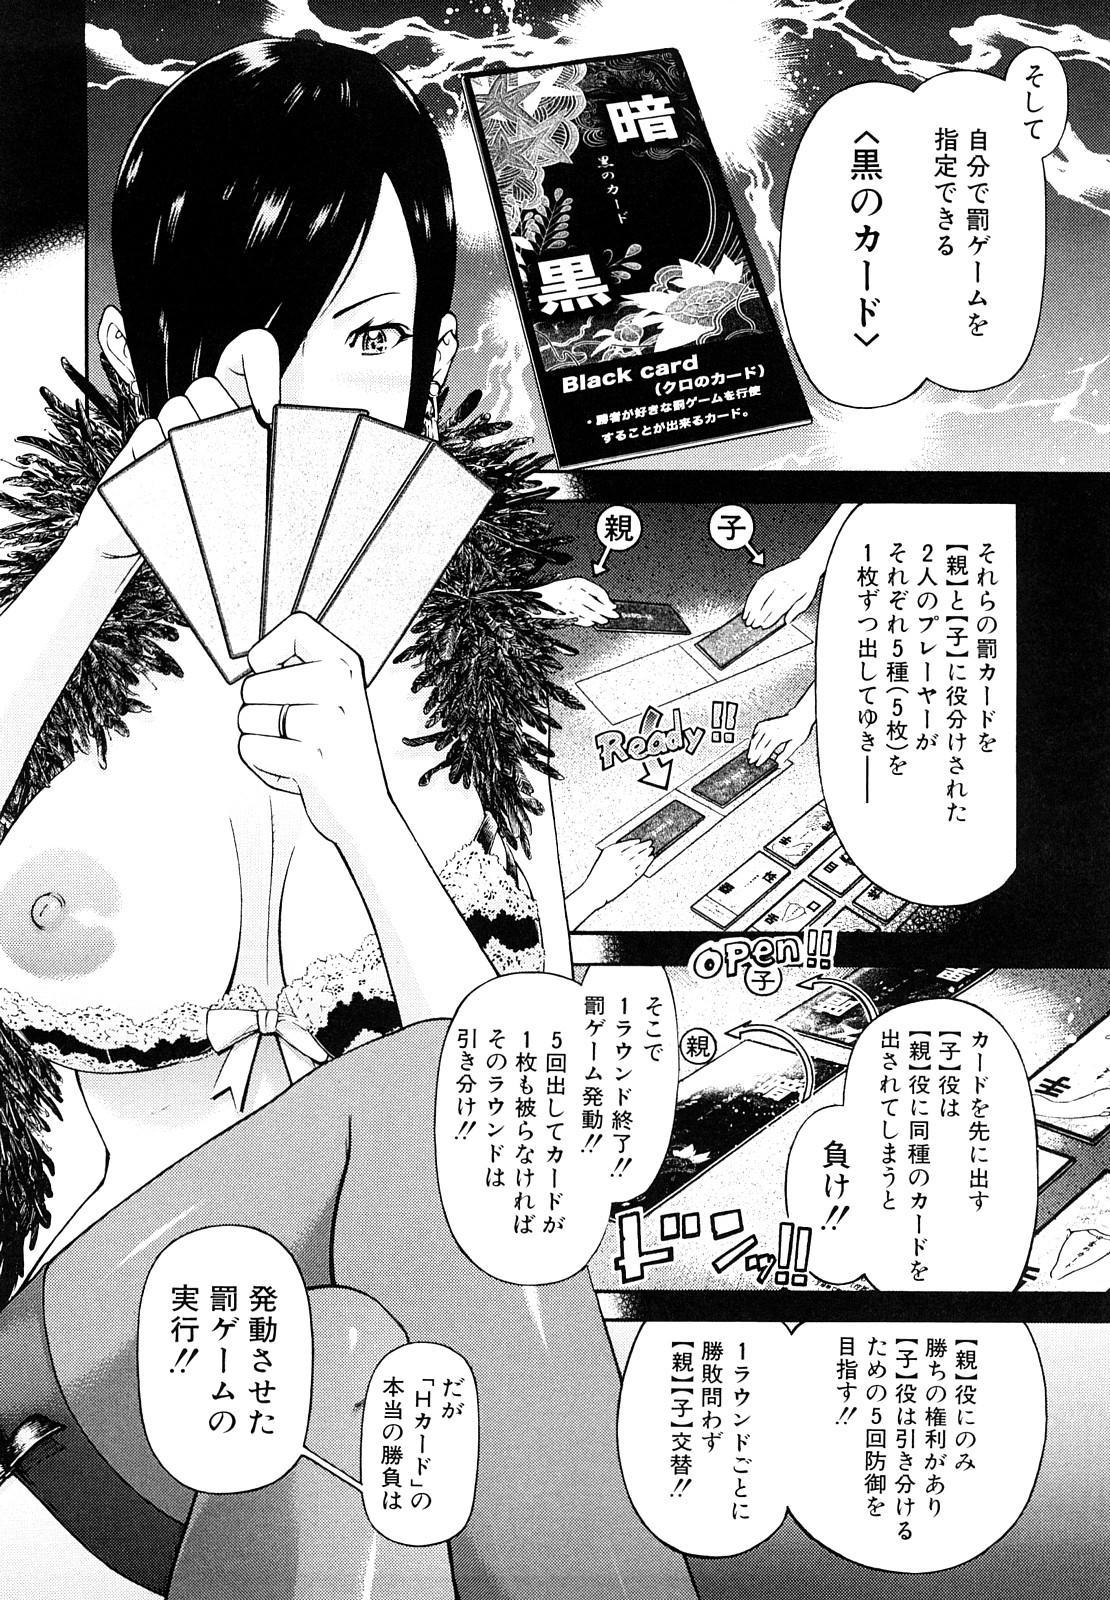 Chijyotachi no Kirifuda 44